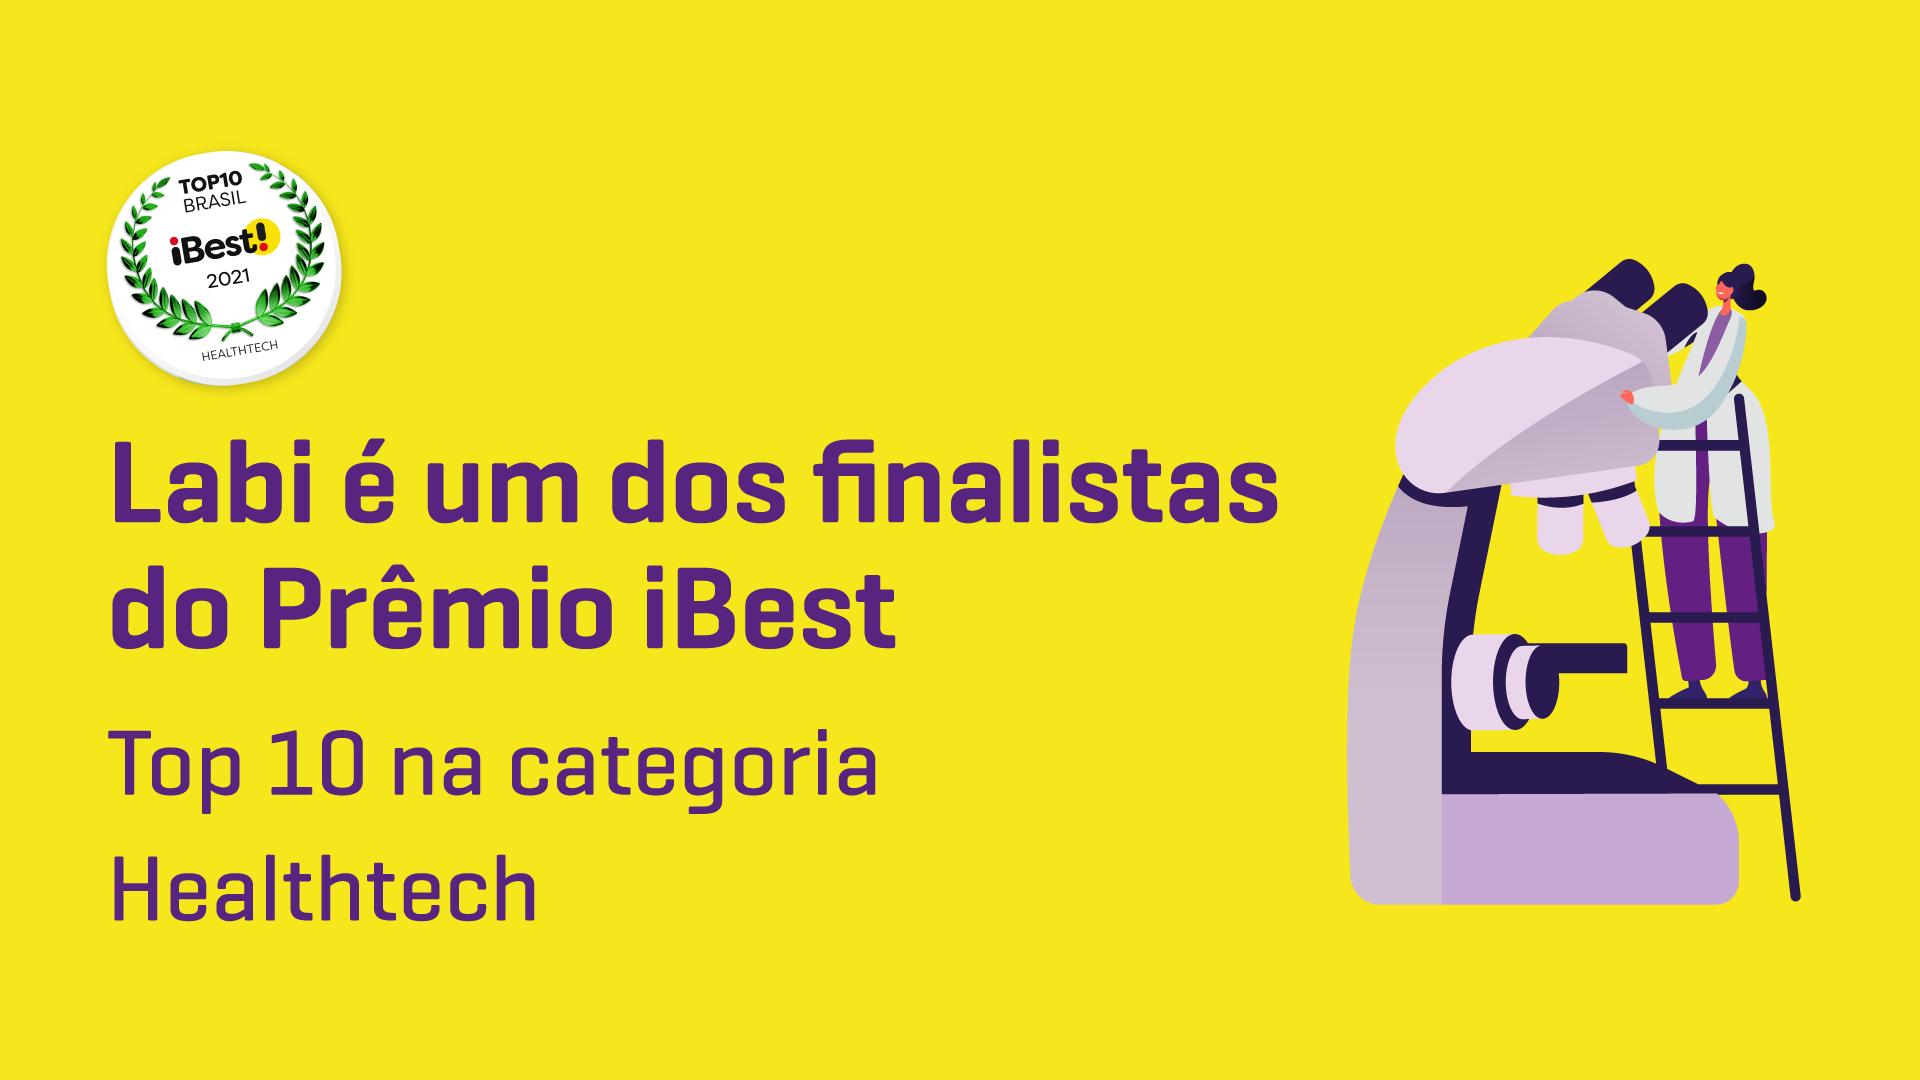 Labi é um dos finalistas do Prêmio iBest